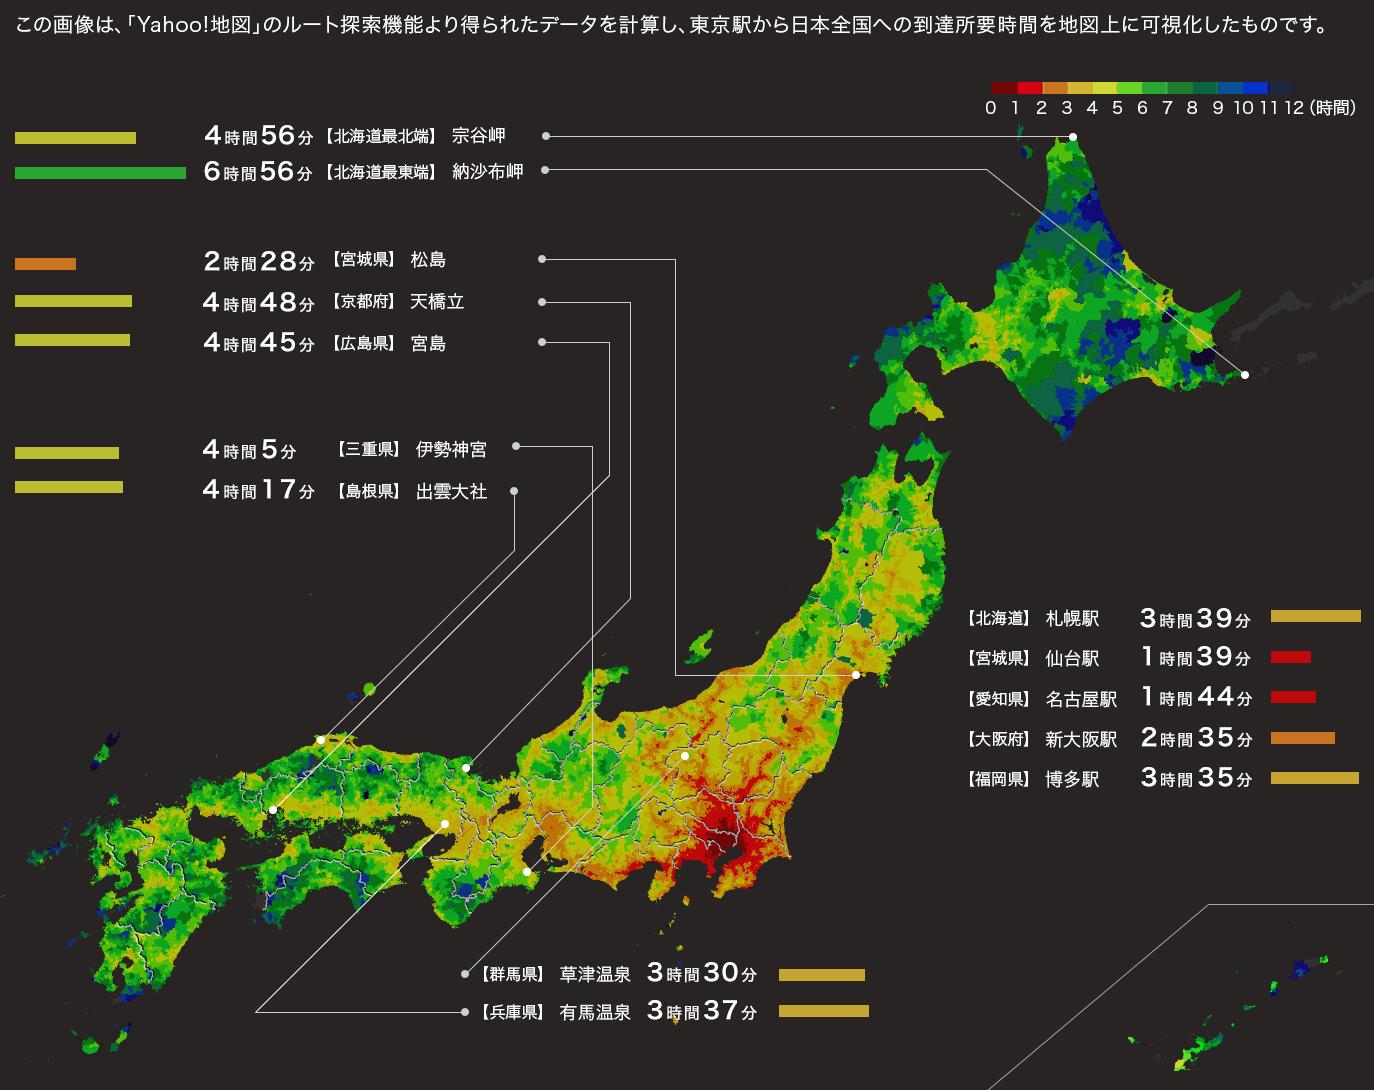 東京駅から全国への到達所要時間マップ。この画像は、「Yahoo!地図」のルート探索機能より得られたデータを計算し、東京駅から日本全国への到達所要時間を地図上に可視化したものです。